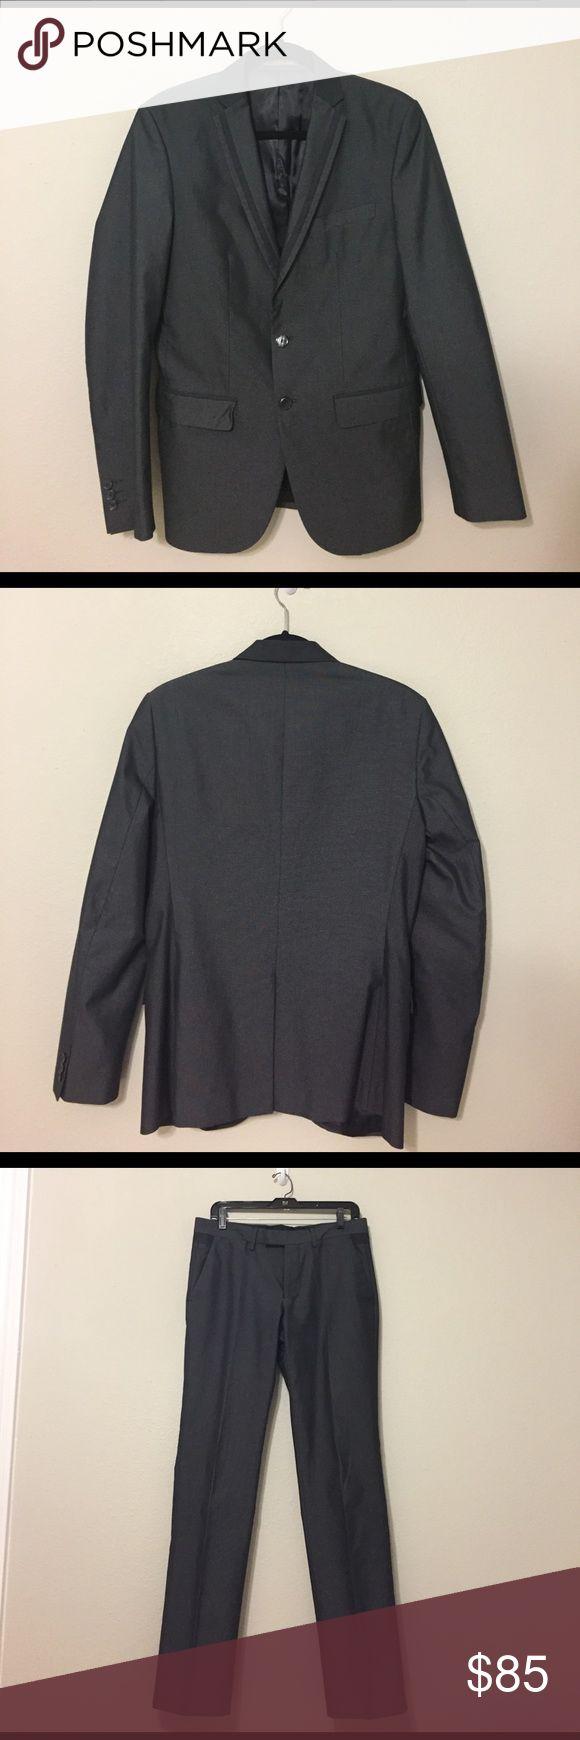 Zara suit Zara suit set. Jacket size 38 R, Pant size 31 Zara Suits & Blazers Suits